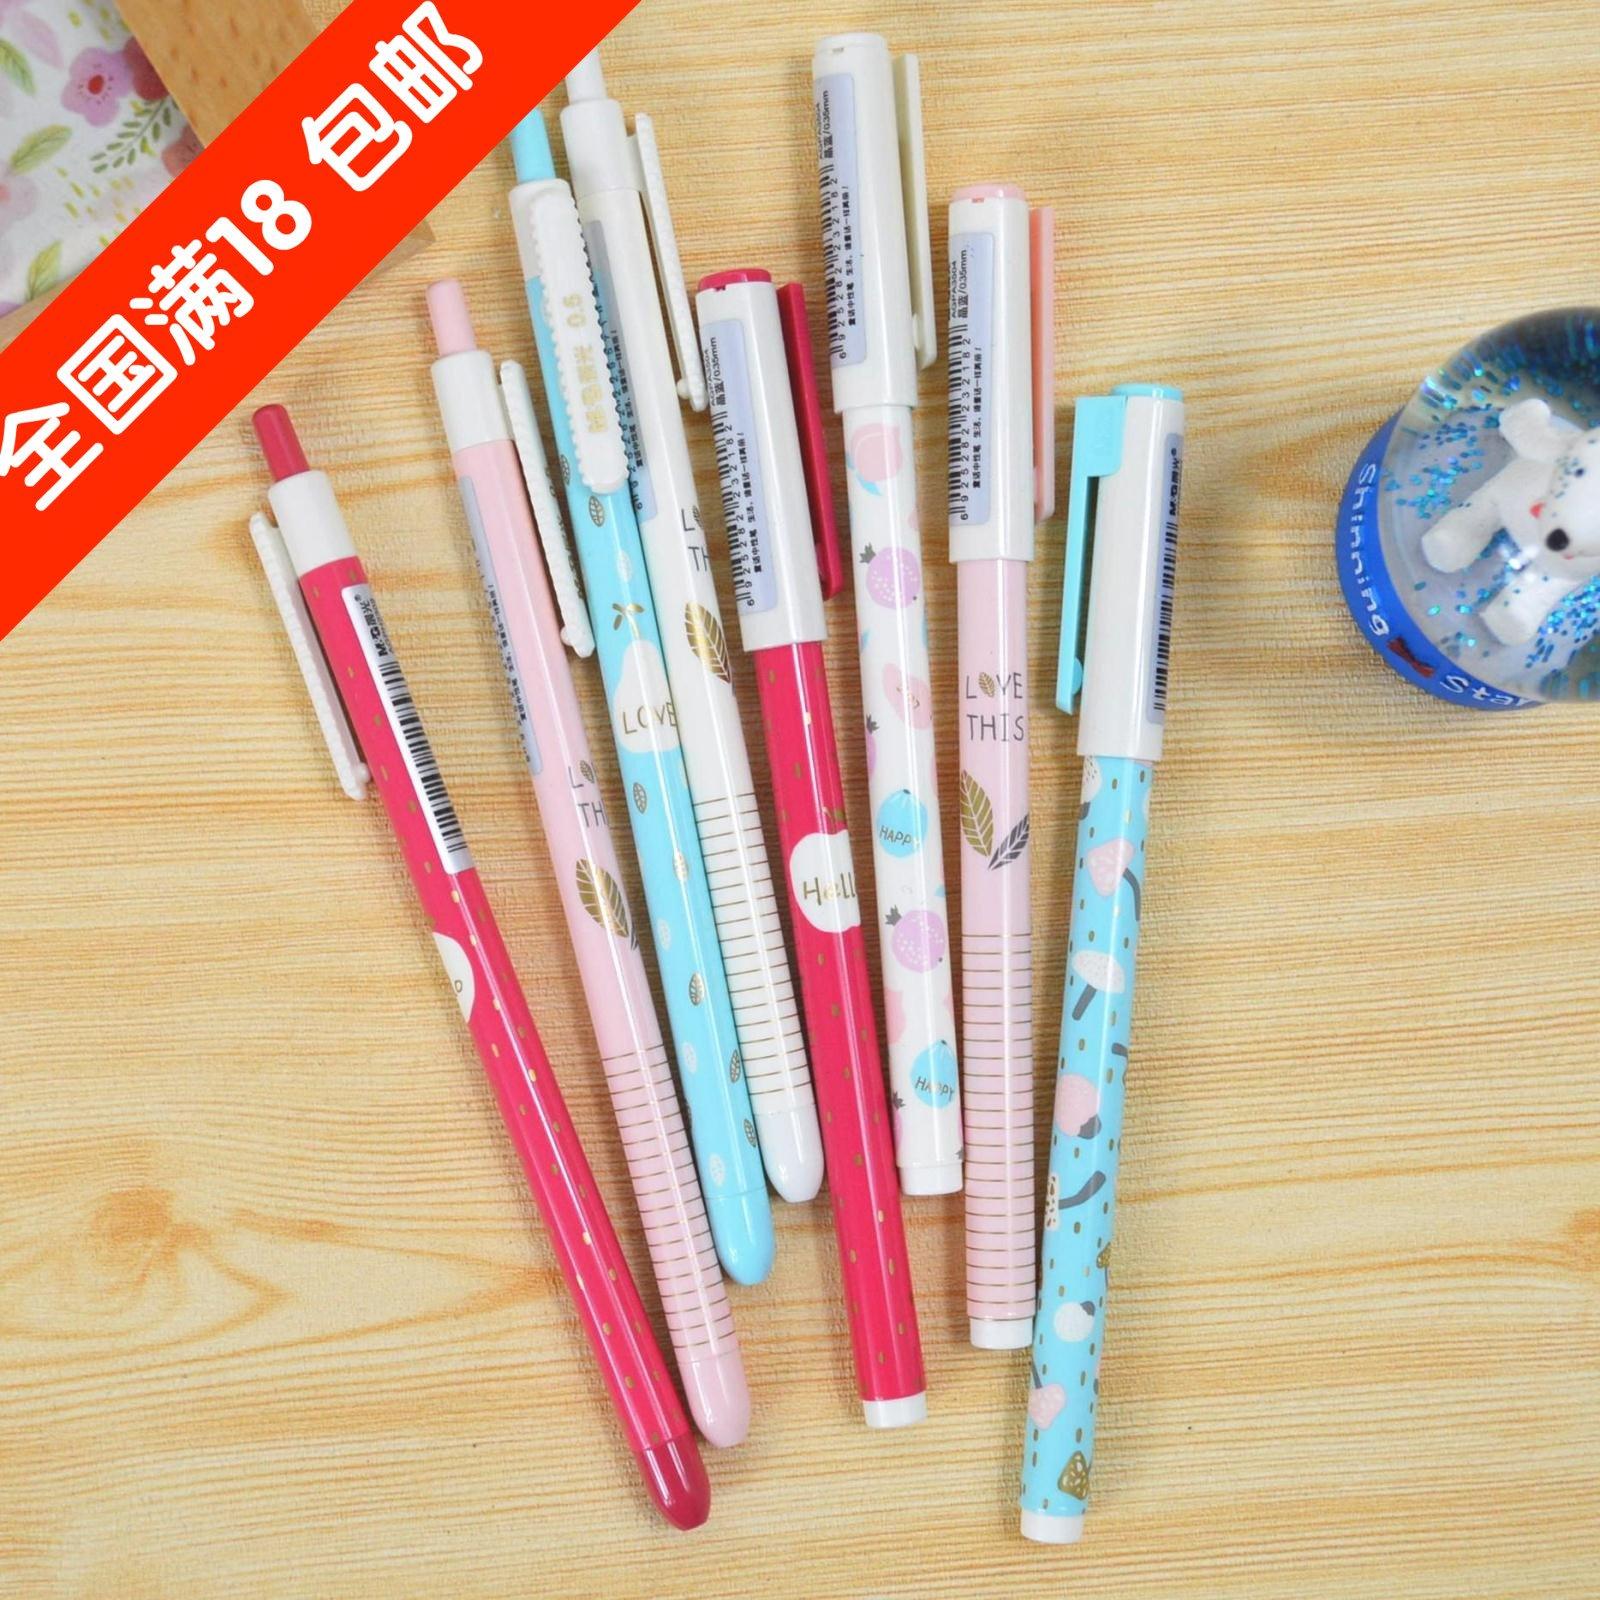 童话系列中性笔晨光正品文具可爱创意唯美中性笔蓝色水笔签字笔